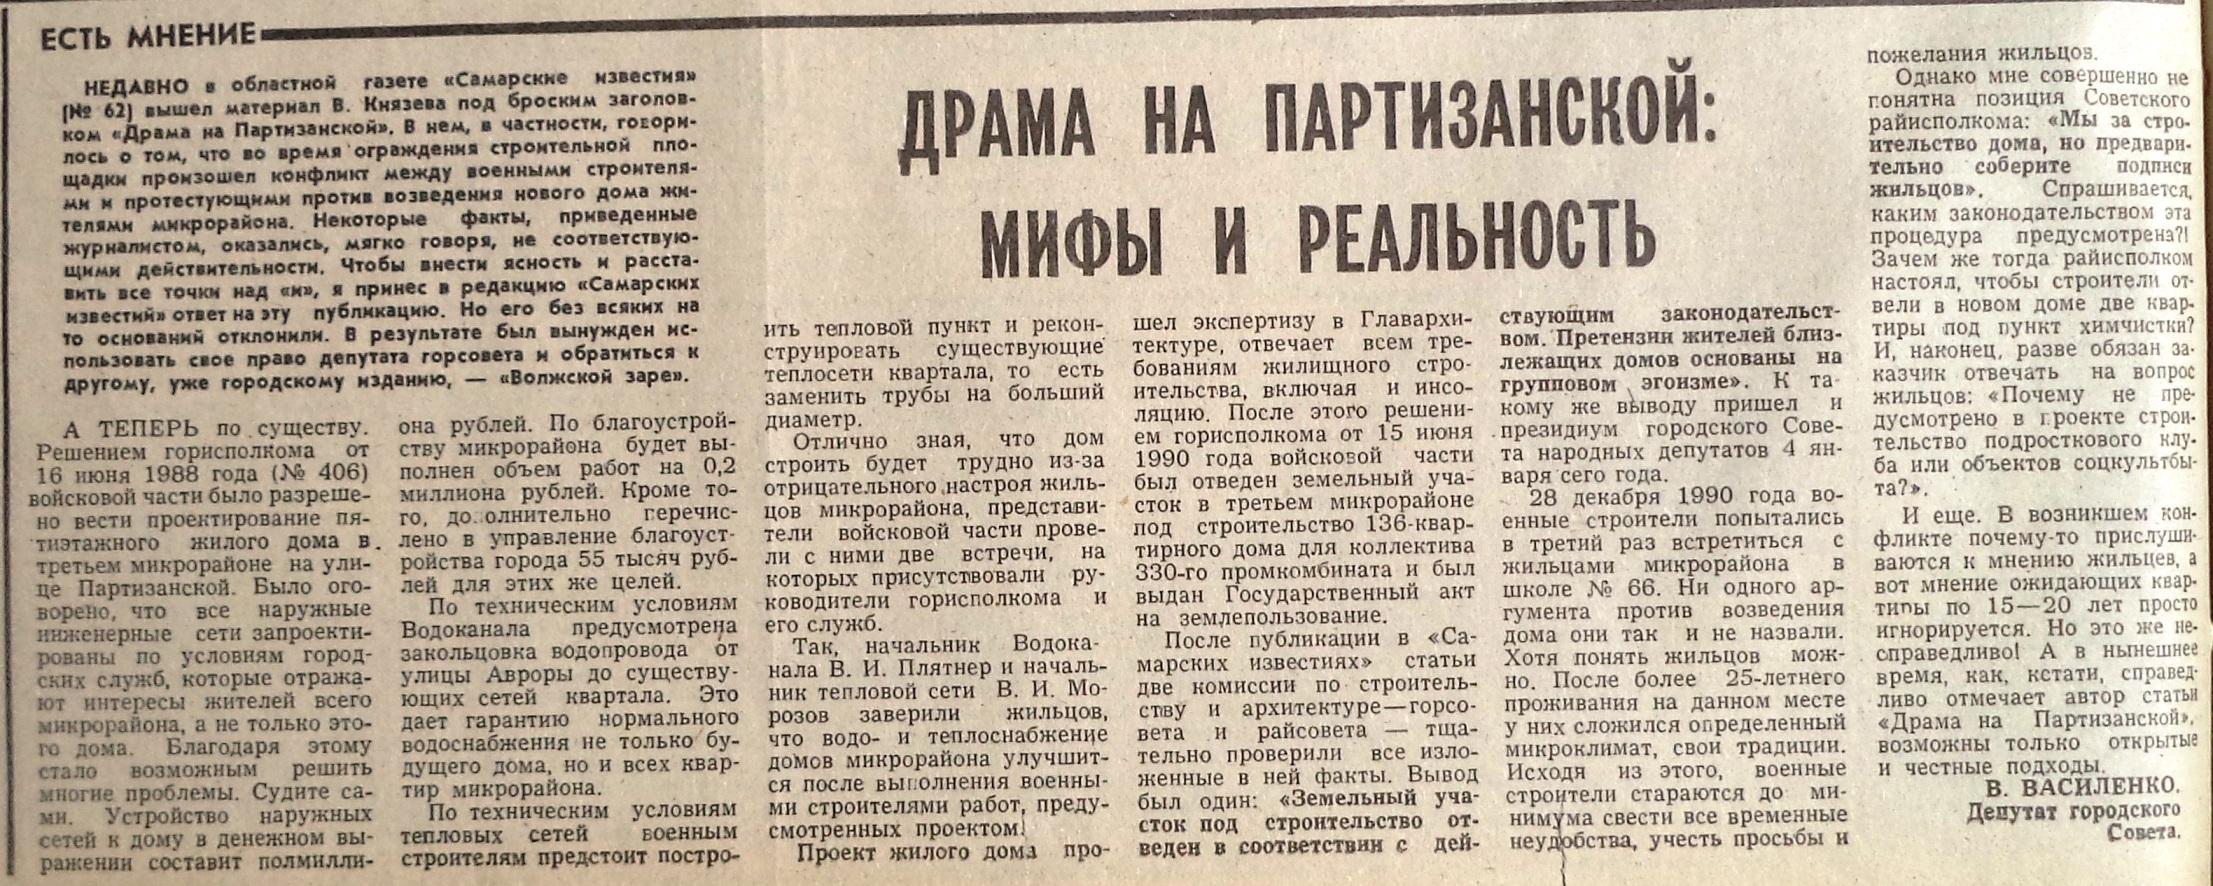 Партизанская-ФОТО-46-ВЗя-1991-01-22-о стр-ве в III мкр. ЧС на Парт.